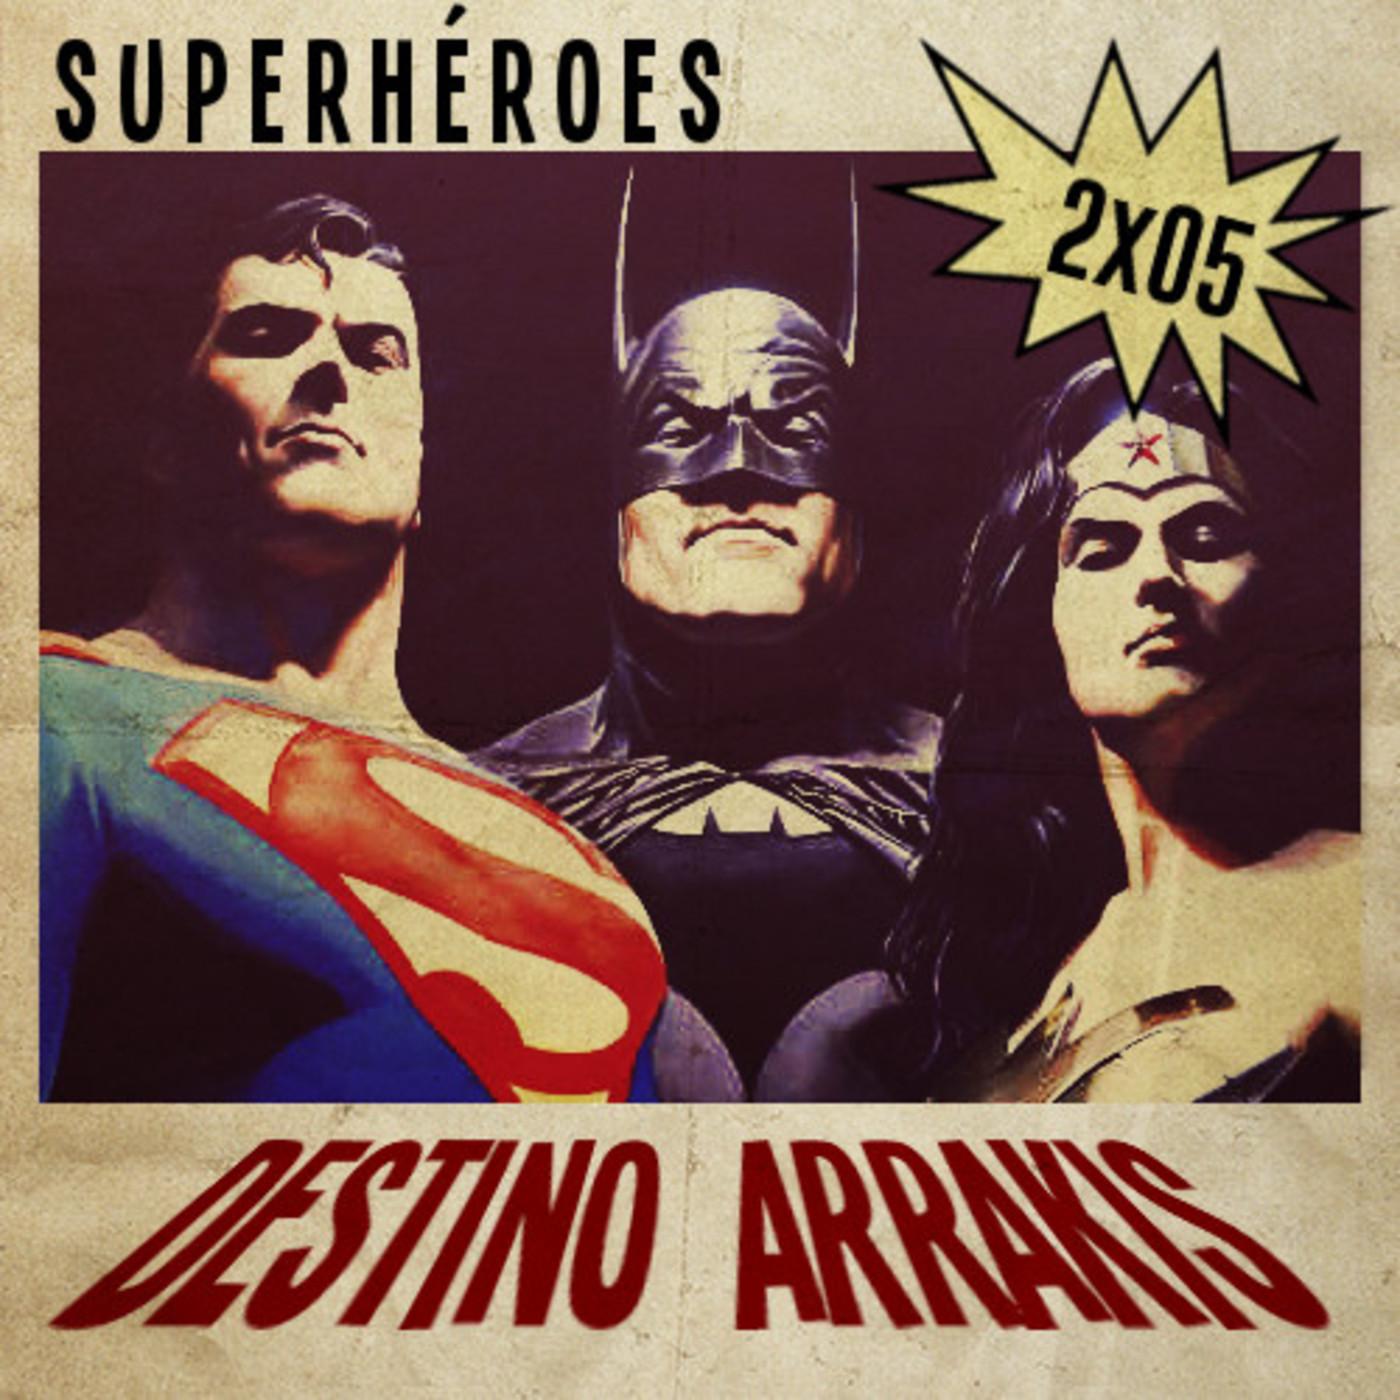 [DA] Destino Arrakis 2x05 Superhéroes. EXTRA: Troleando a Mr. Ridley Scott